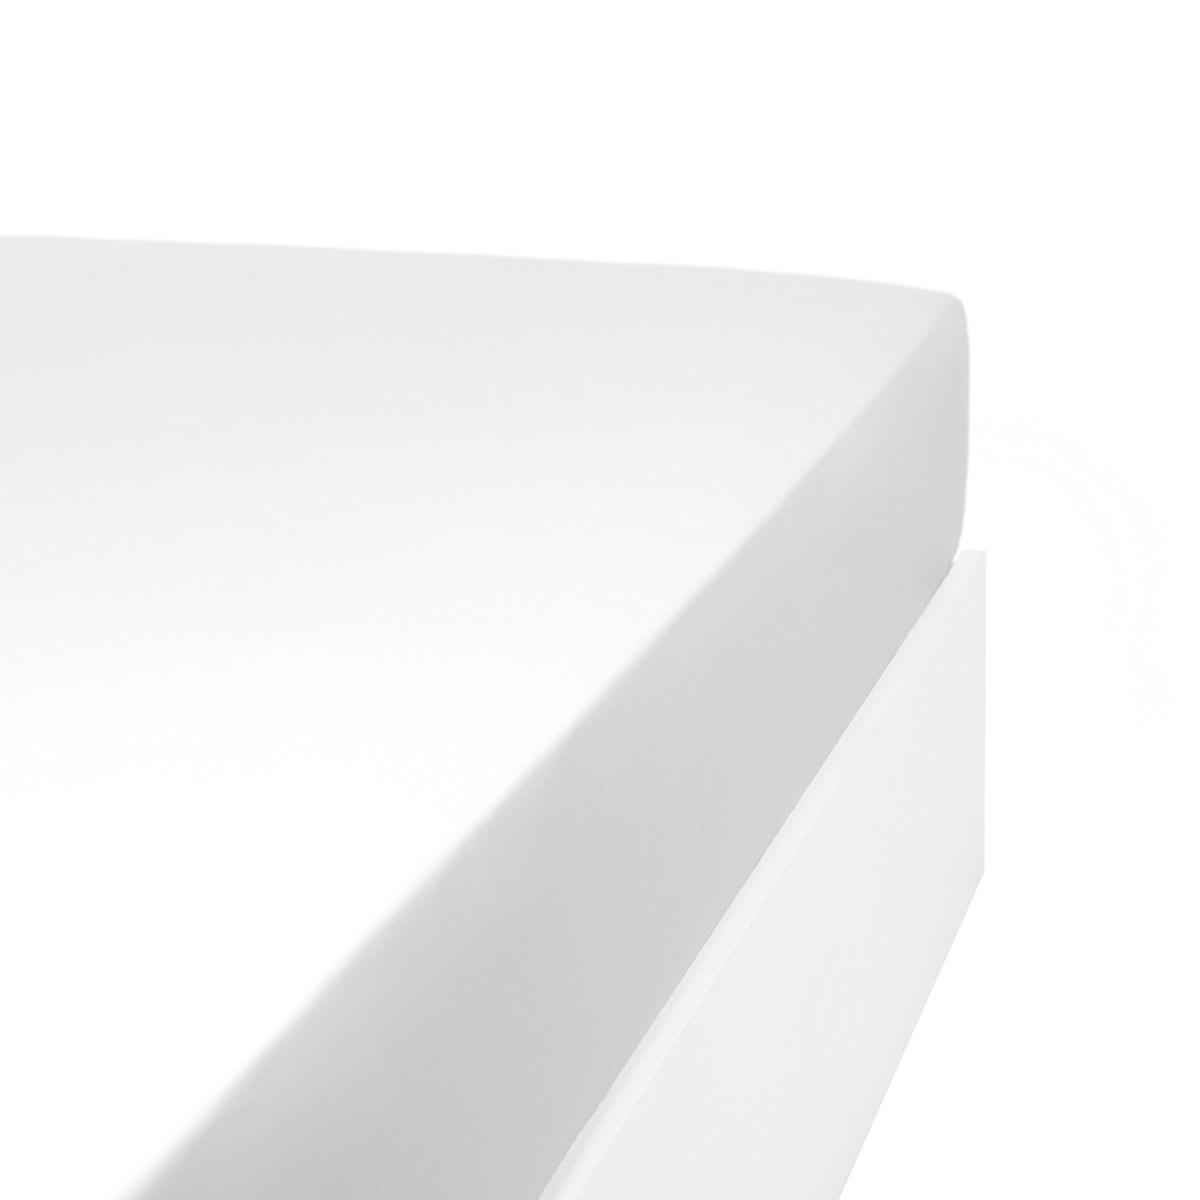 Drap housse uni 200 fils en de coton blanc 140x190 cm